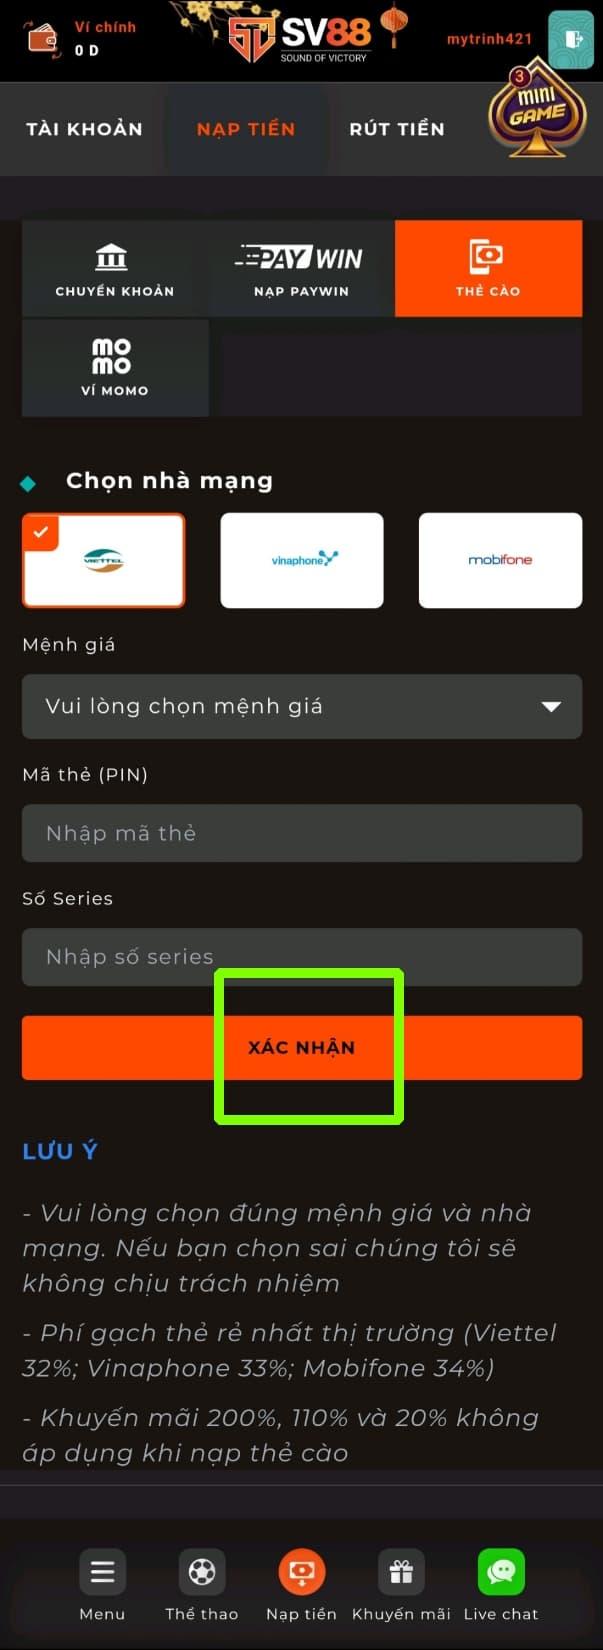 Bấm chọn XÁC NHẬN để hoàn thành quá trình nạp tiền qua thẻ cào điện thoại